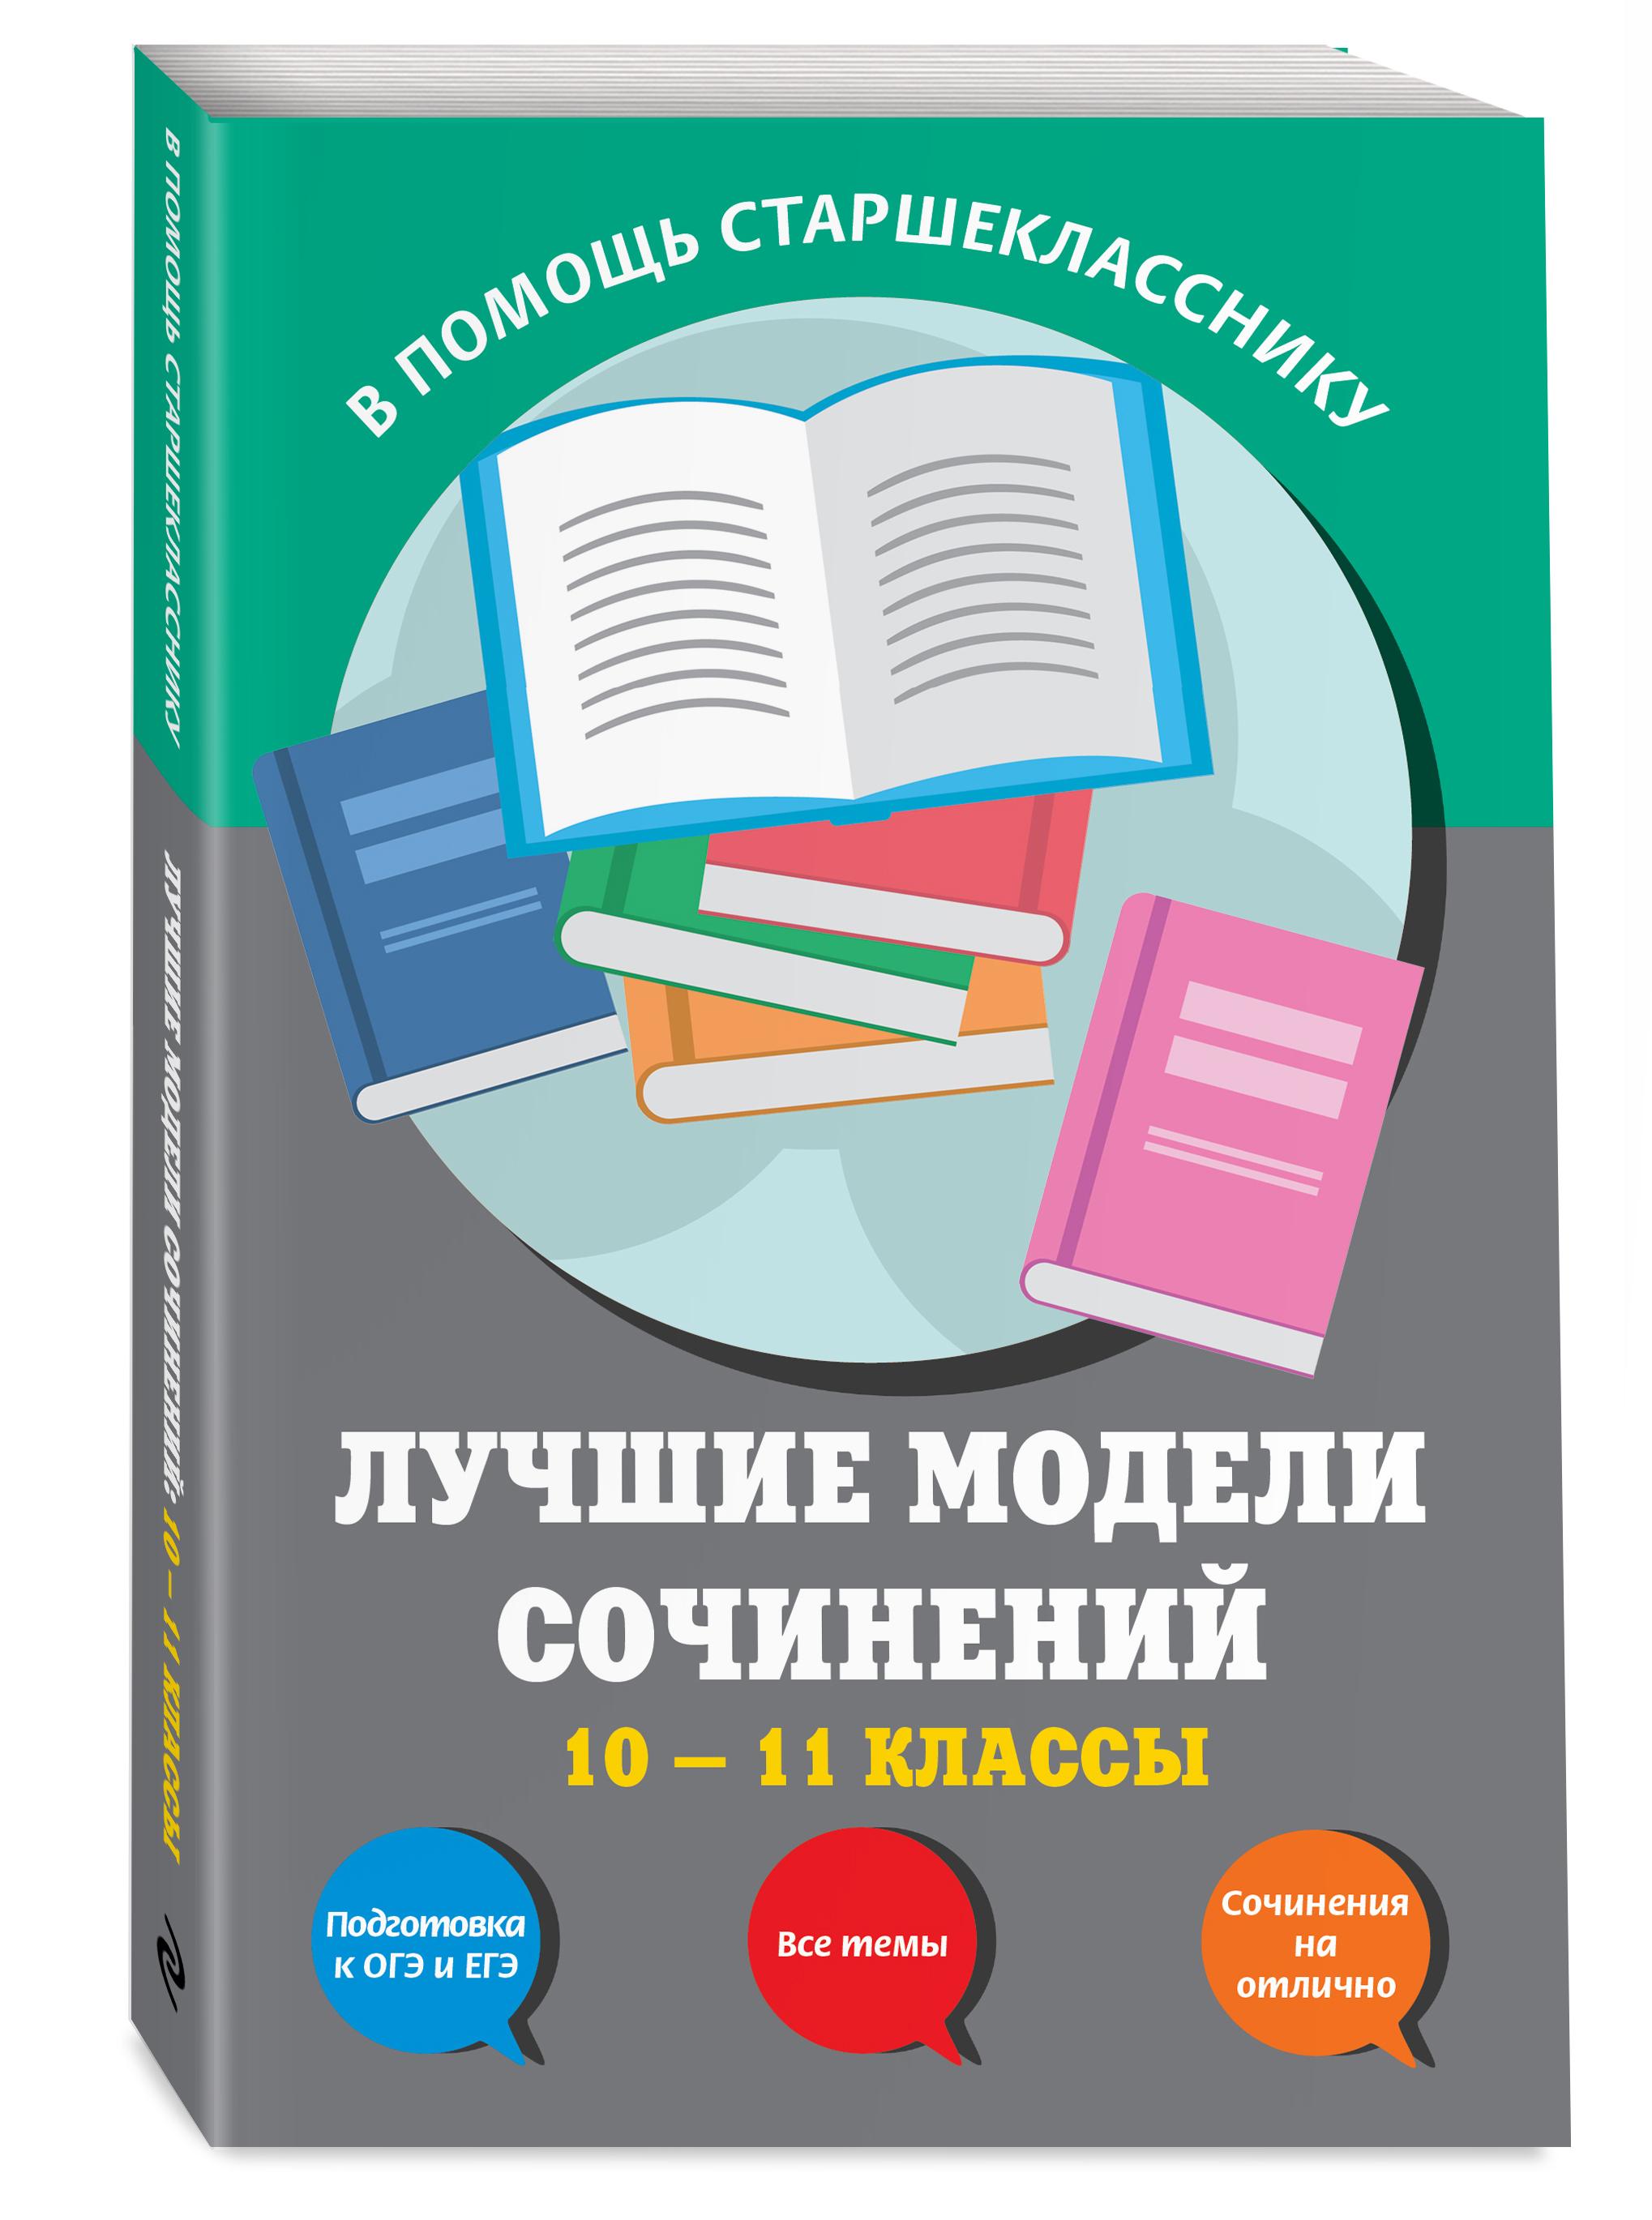 Лучшие модели сочинений: 10-11 классы ( Бащенко С.В., Каширина Т.Г., Сидоренко З.С.  )